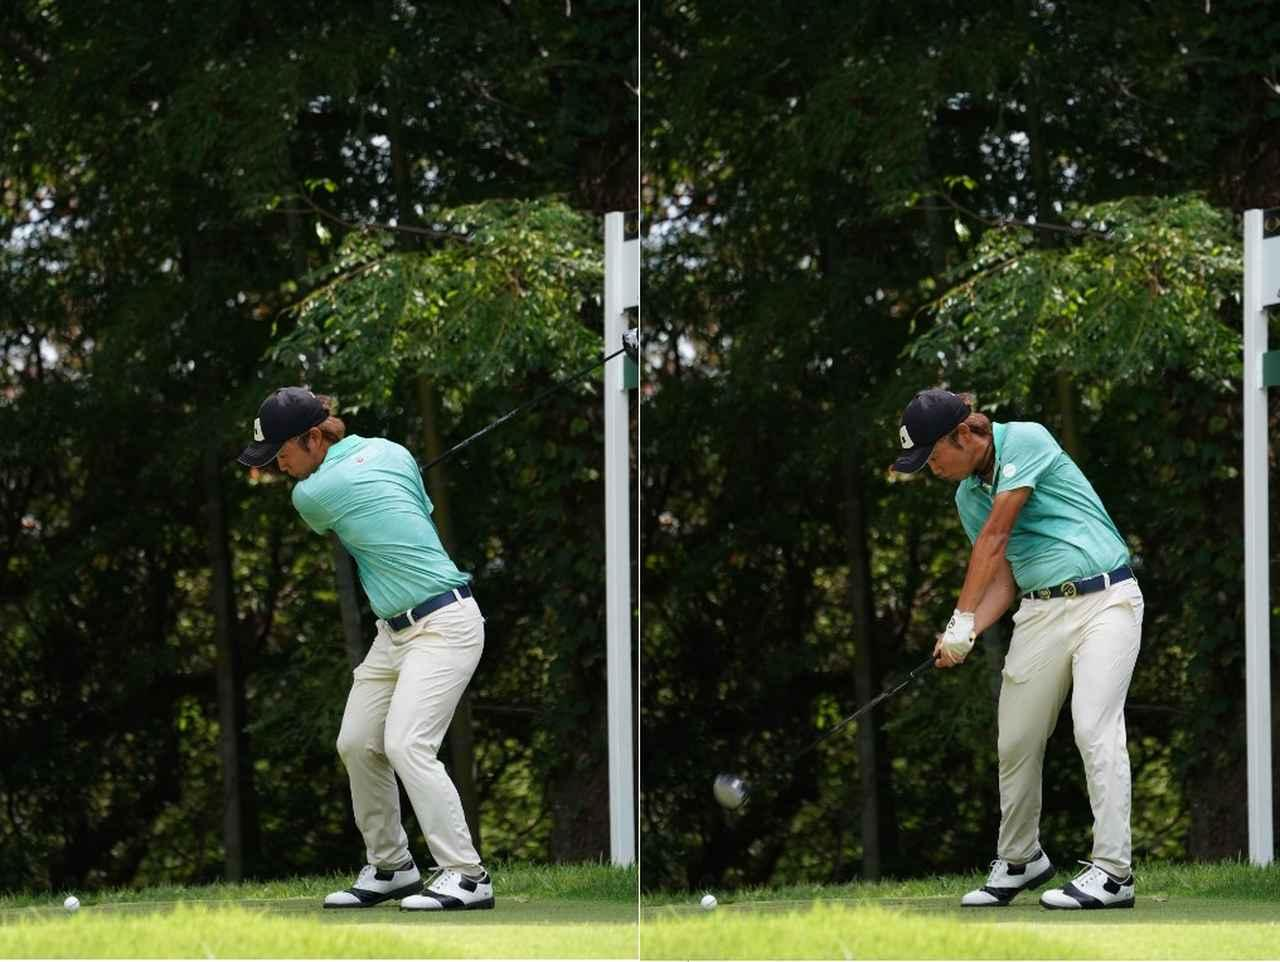 画像: 画像B:フラットな切り返しの結果、手元の位置が低い状態でインパクトを迎える